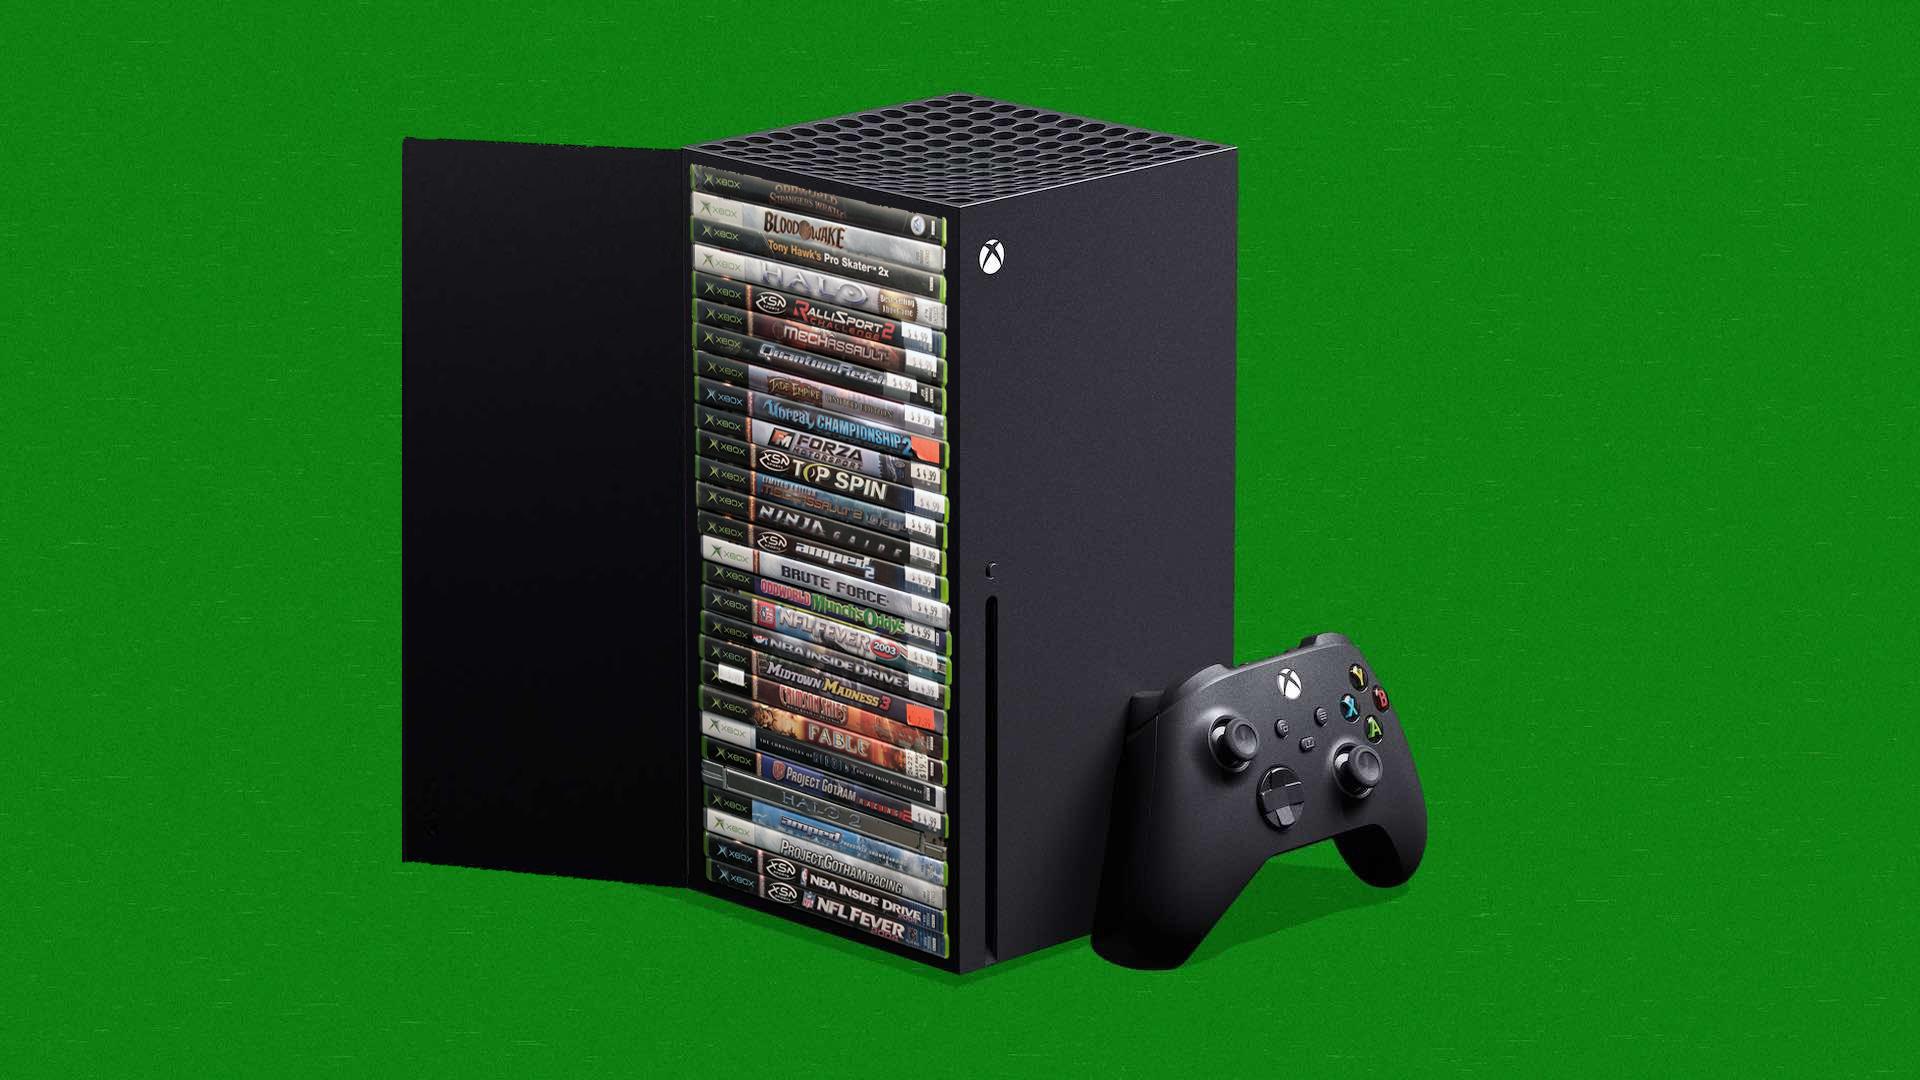 النسخ الرقمية النسخ الفيزيائية PS5 Xbox Series X